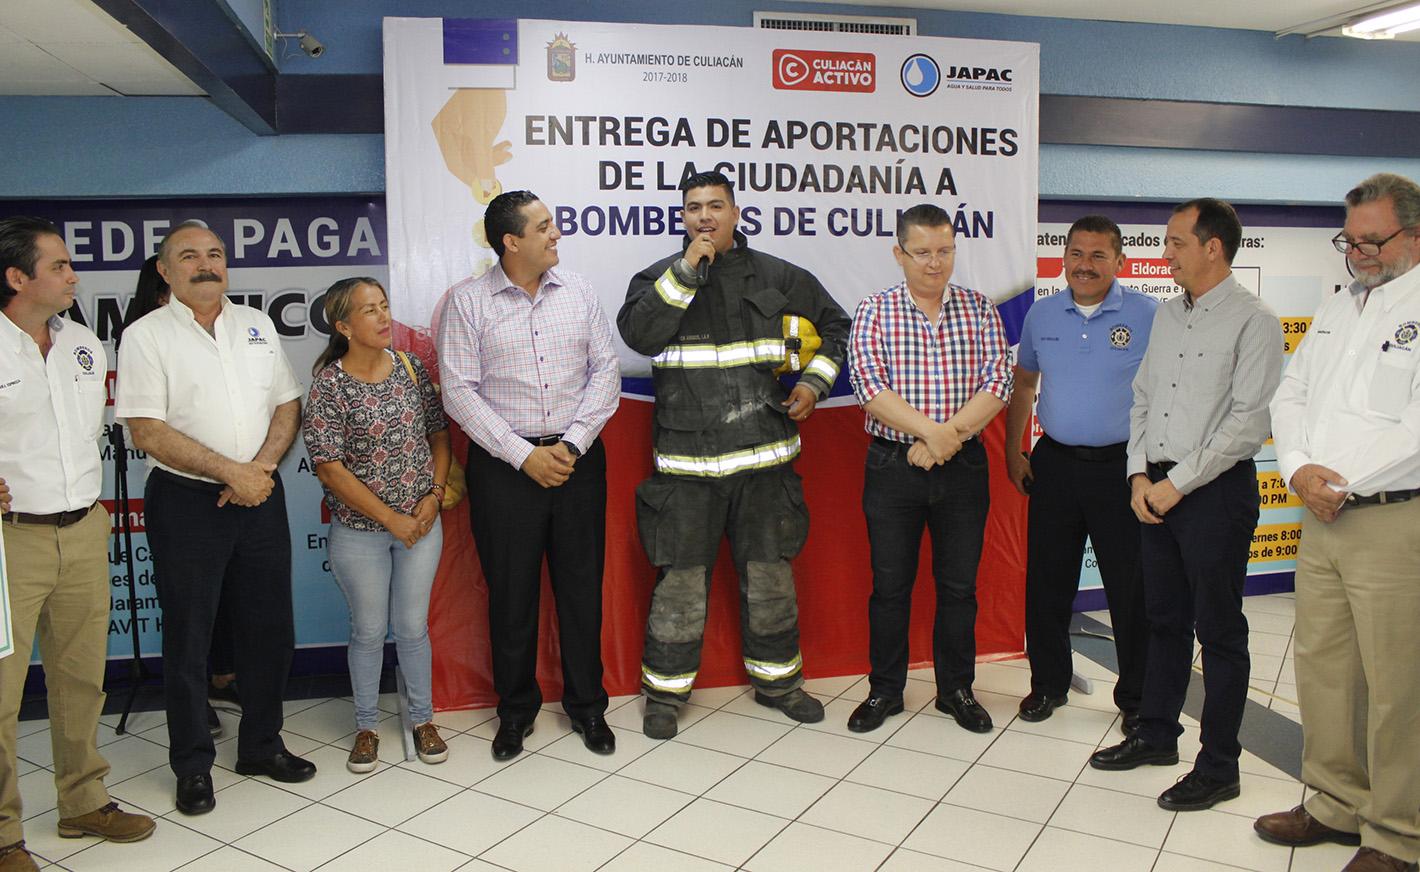 JAPAC-NOTICIAS-bomberos-recibe-aportacion-ciudadana-05